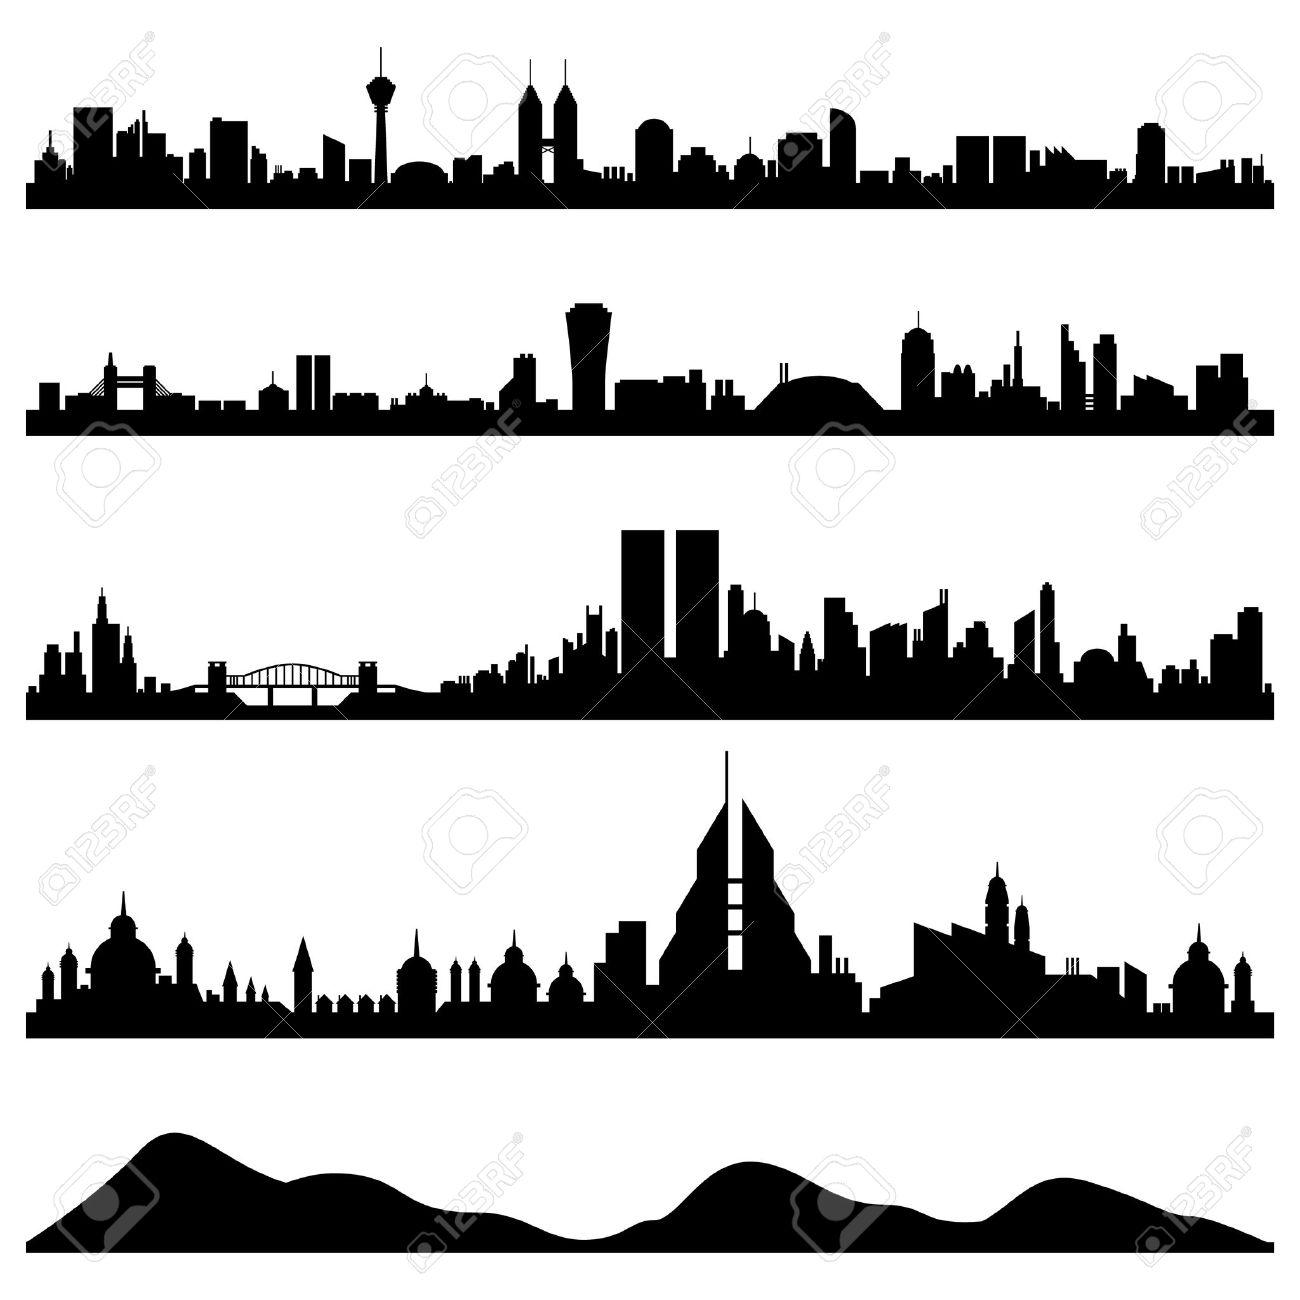 City Skyline Cityscape Vector Stock Vector - 7796697